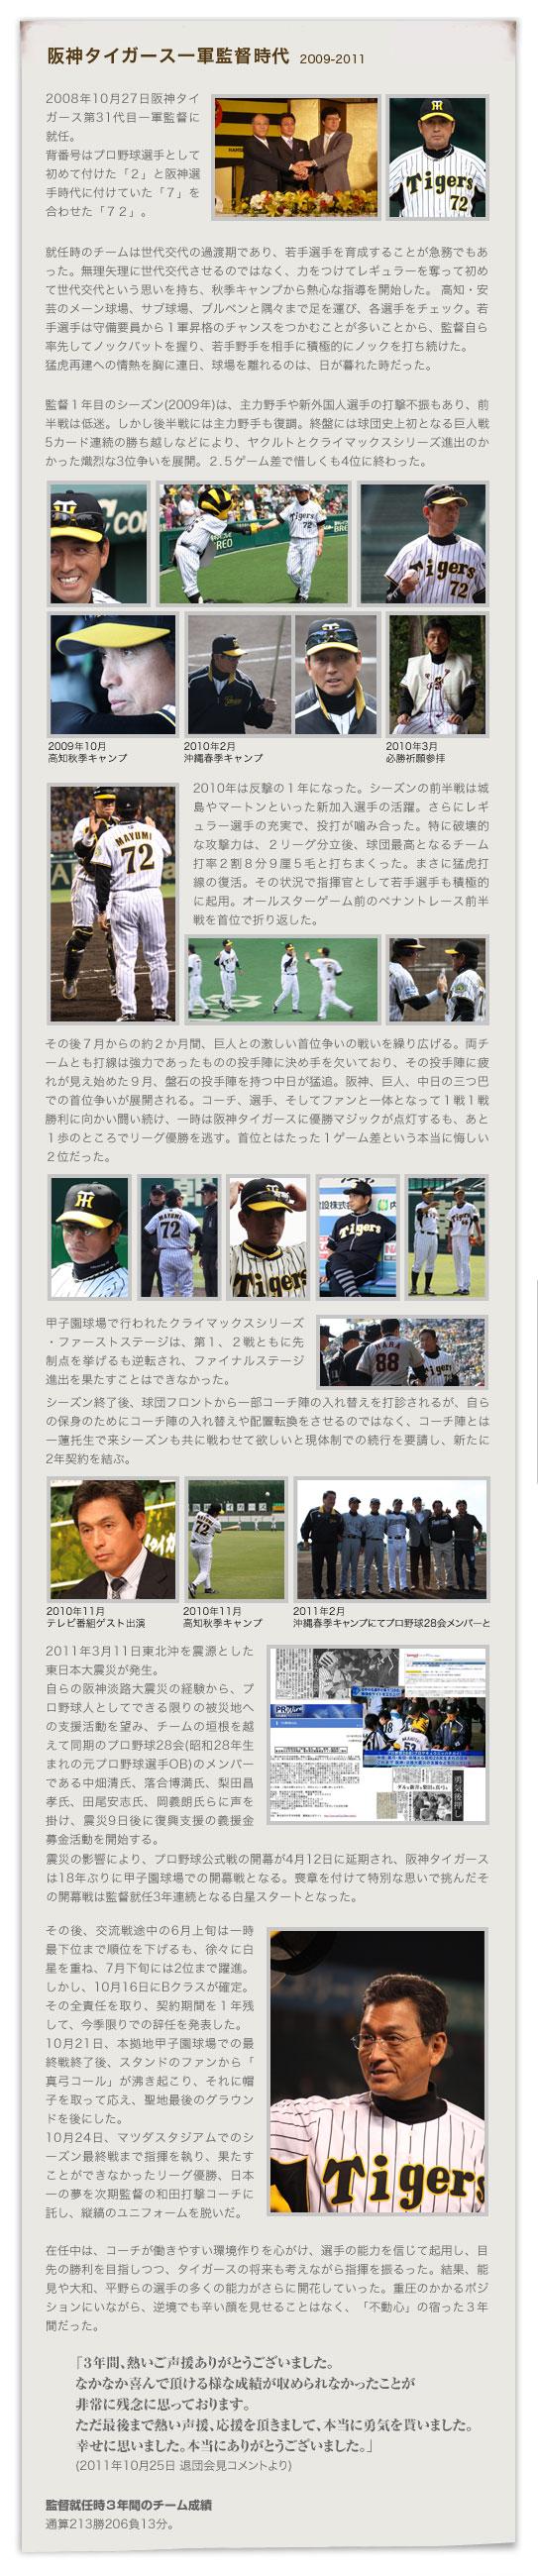 阪神監督時代サンプル020214